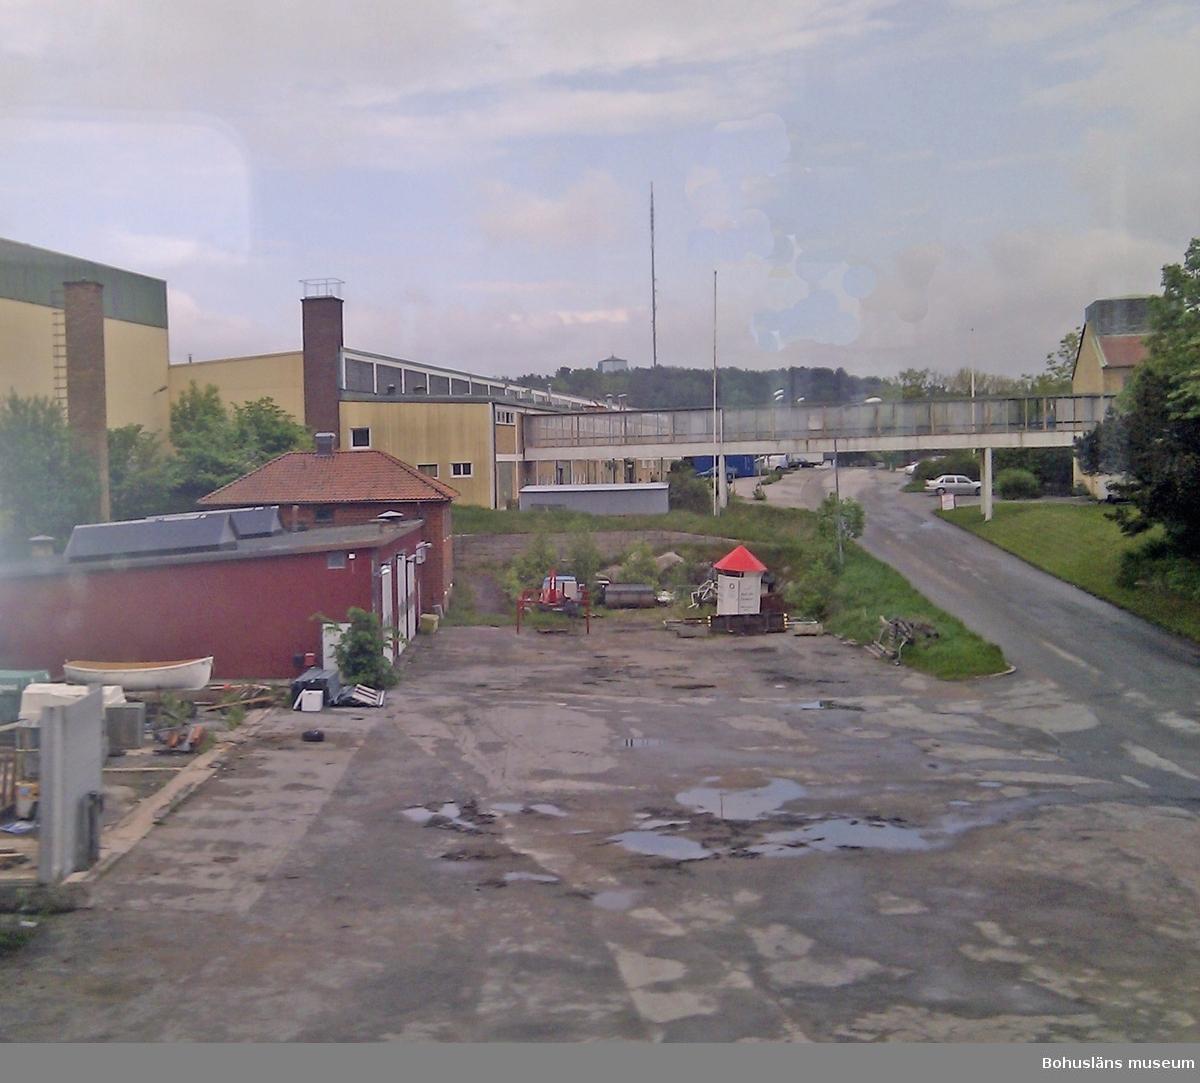 Trädgårdsgatan på Myren i Strömstad. Området är idag industriområde. Fotograf: Kristina Lindholm, Bohusläns museum.